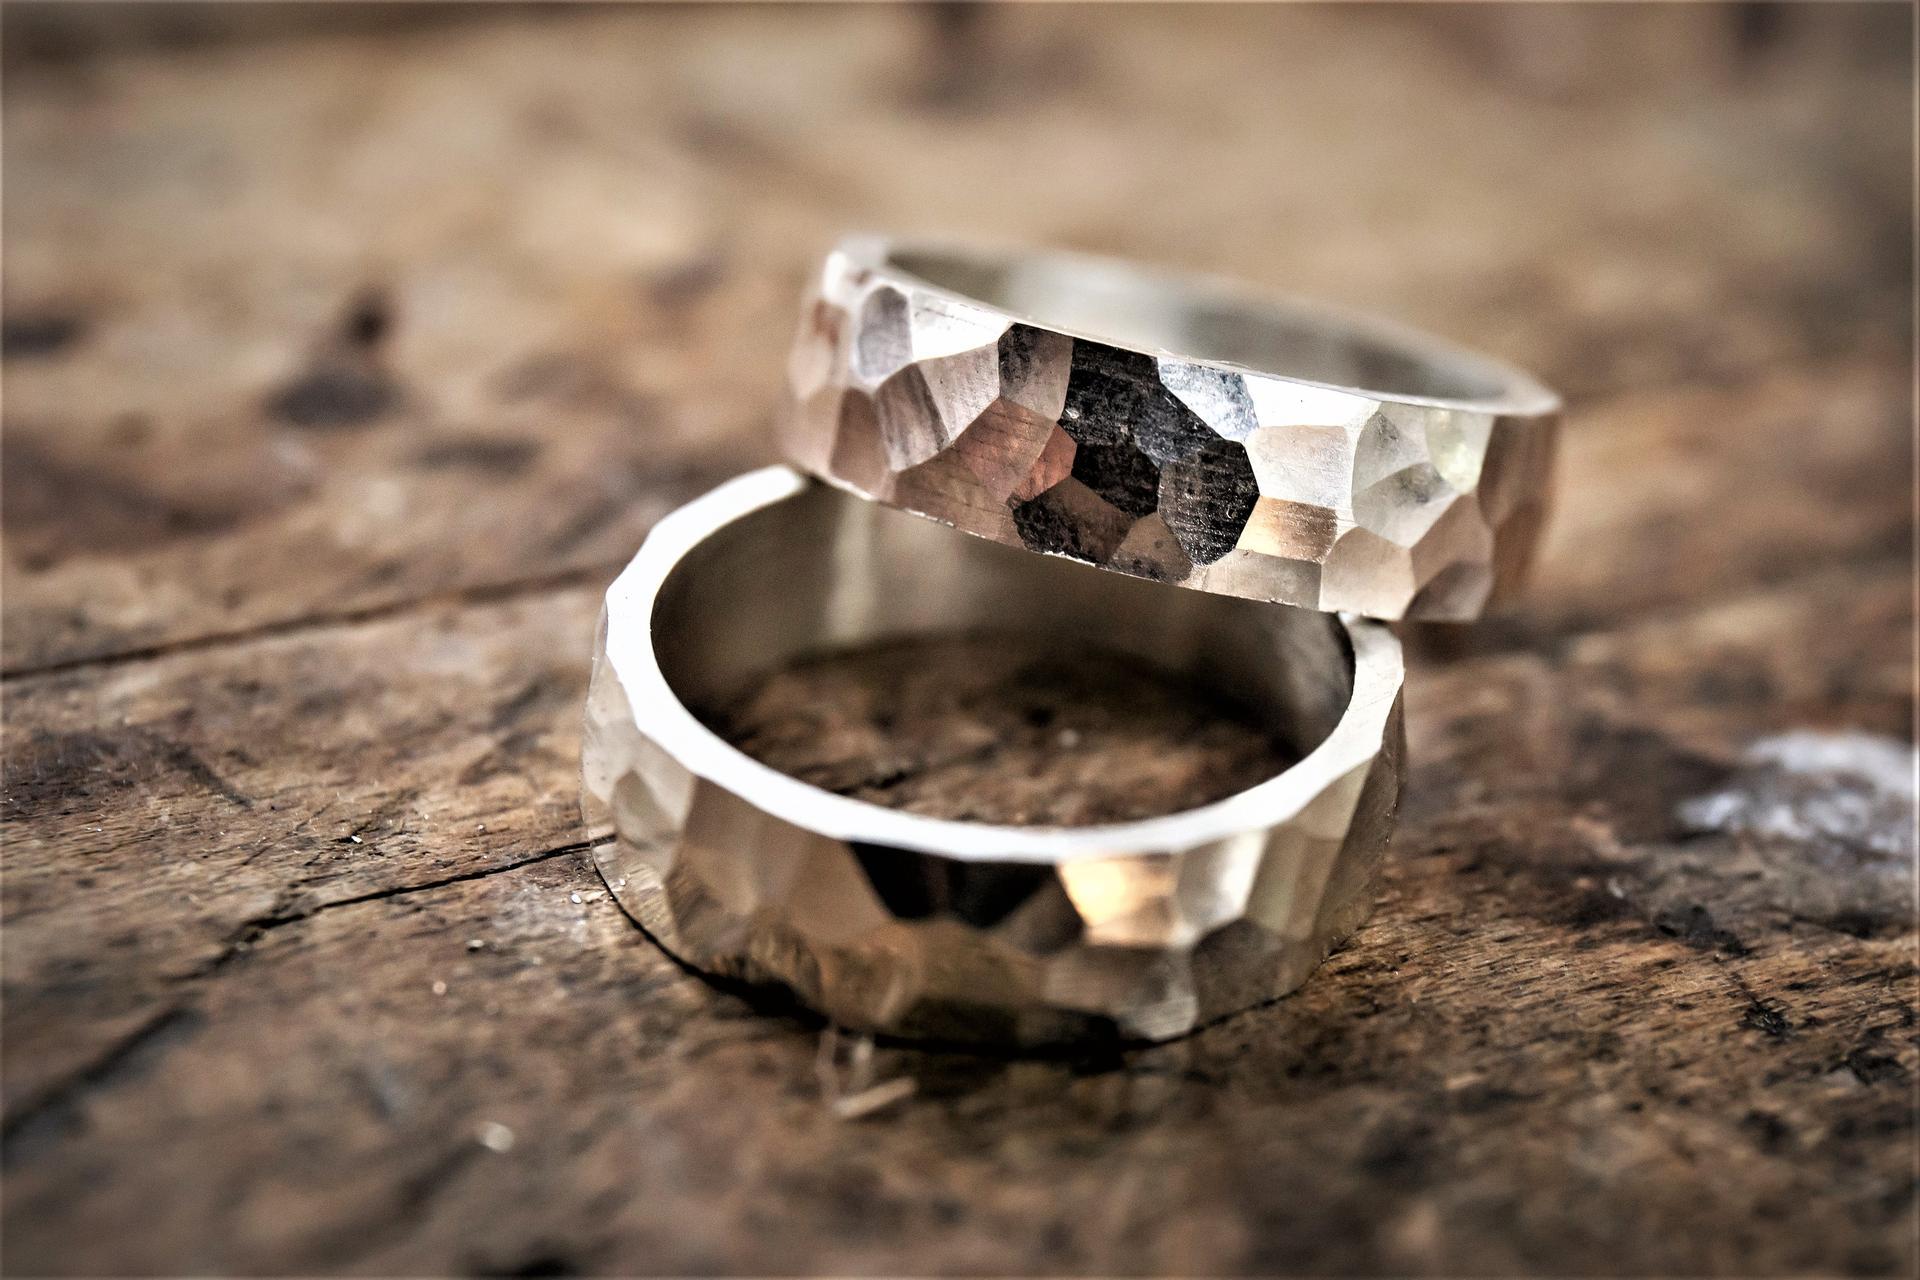 Jak vznikají kované snubní prsteny v rodinném atelieru DALOO - HOTOVÉ PRSTÝNKY - Kování snubních prstenů  v rodinném šperkařském atelieru DALOO https://daloo.cz/snubni-prsteny/snubni-prsteny-struktur.html